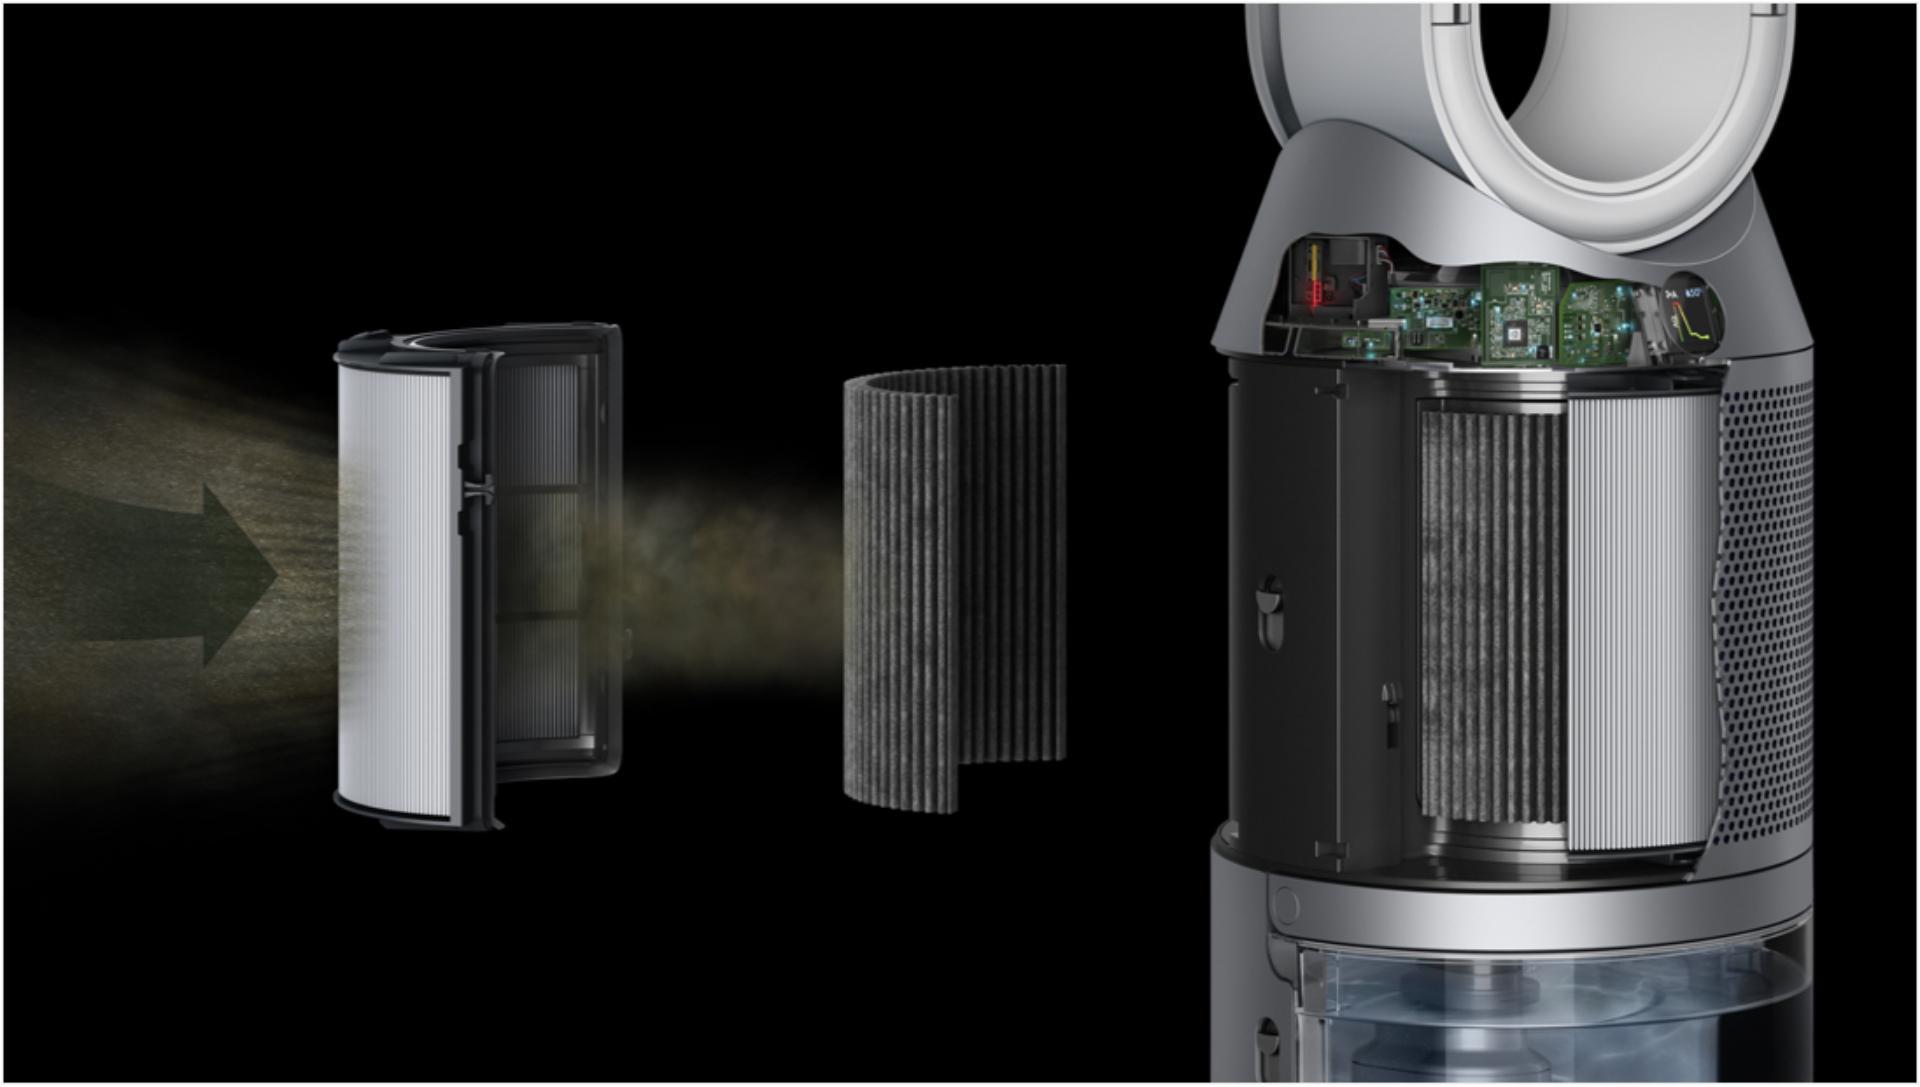 Przekrój oczyszczacza powietrza z funkcją nawilżania, pokazujący filtr z węglem aktywnym i HEPA